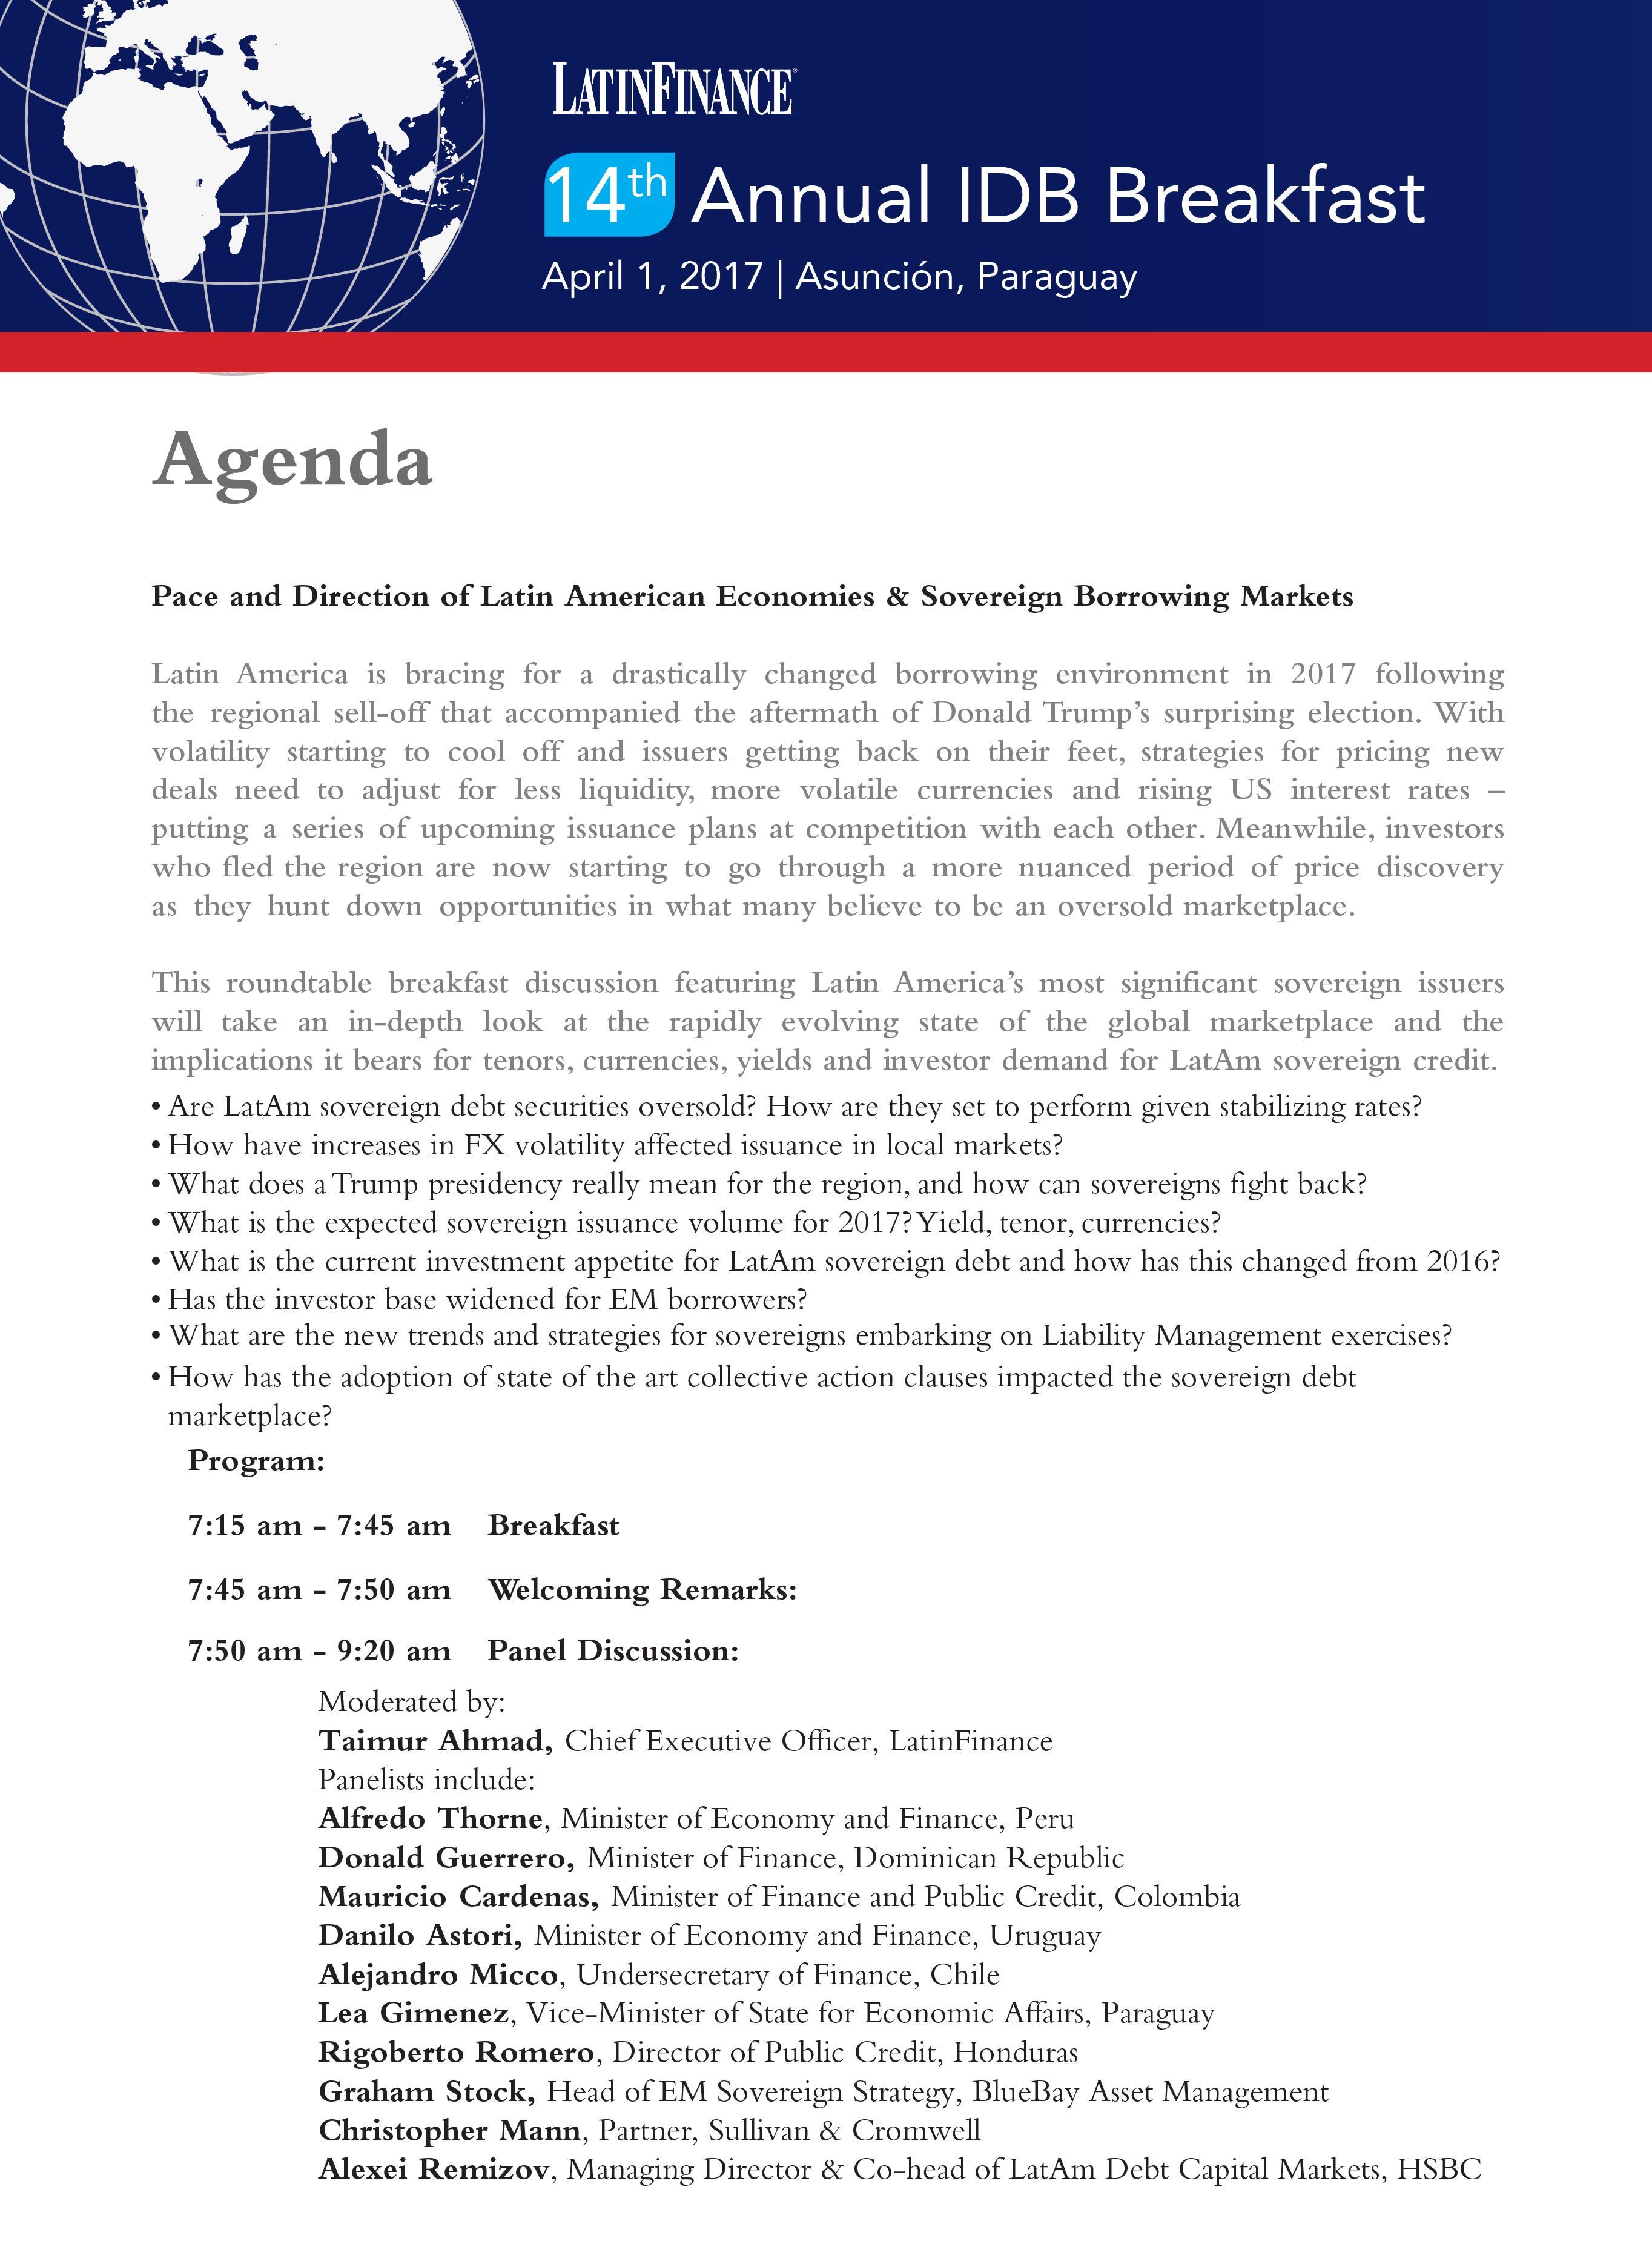 2017 IDB Breakfast Agenda